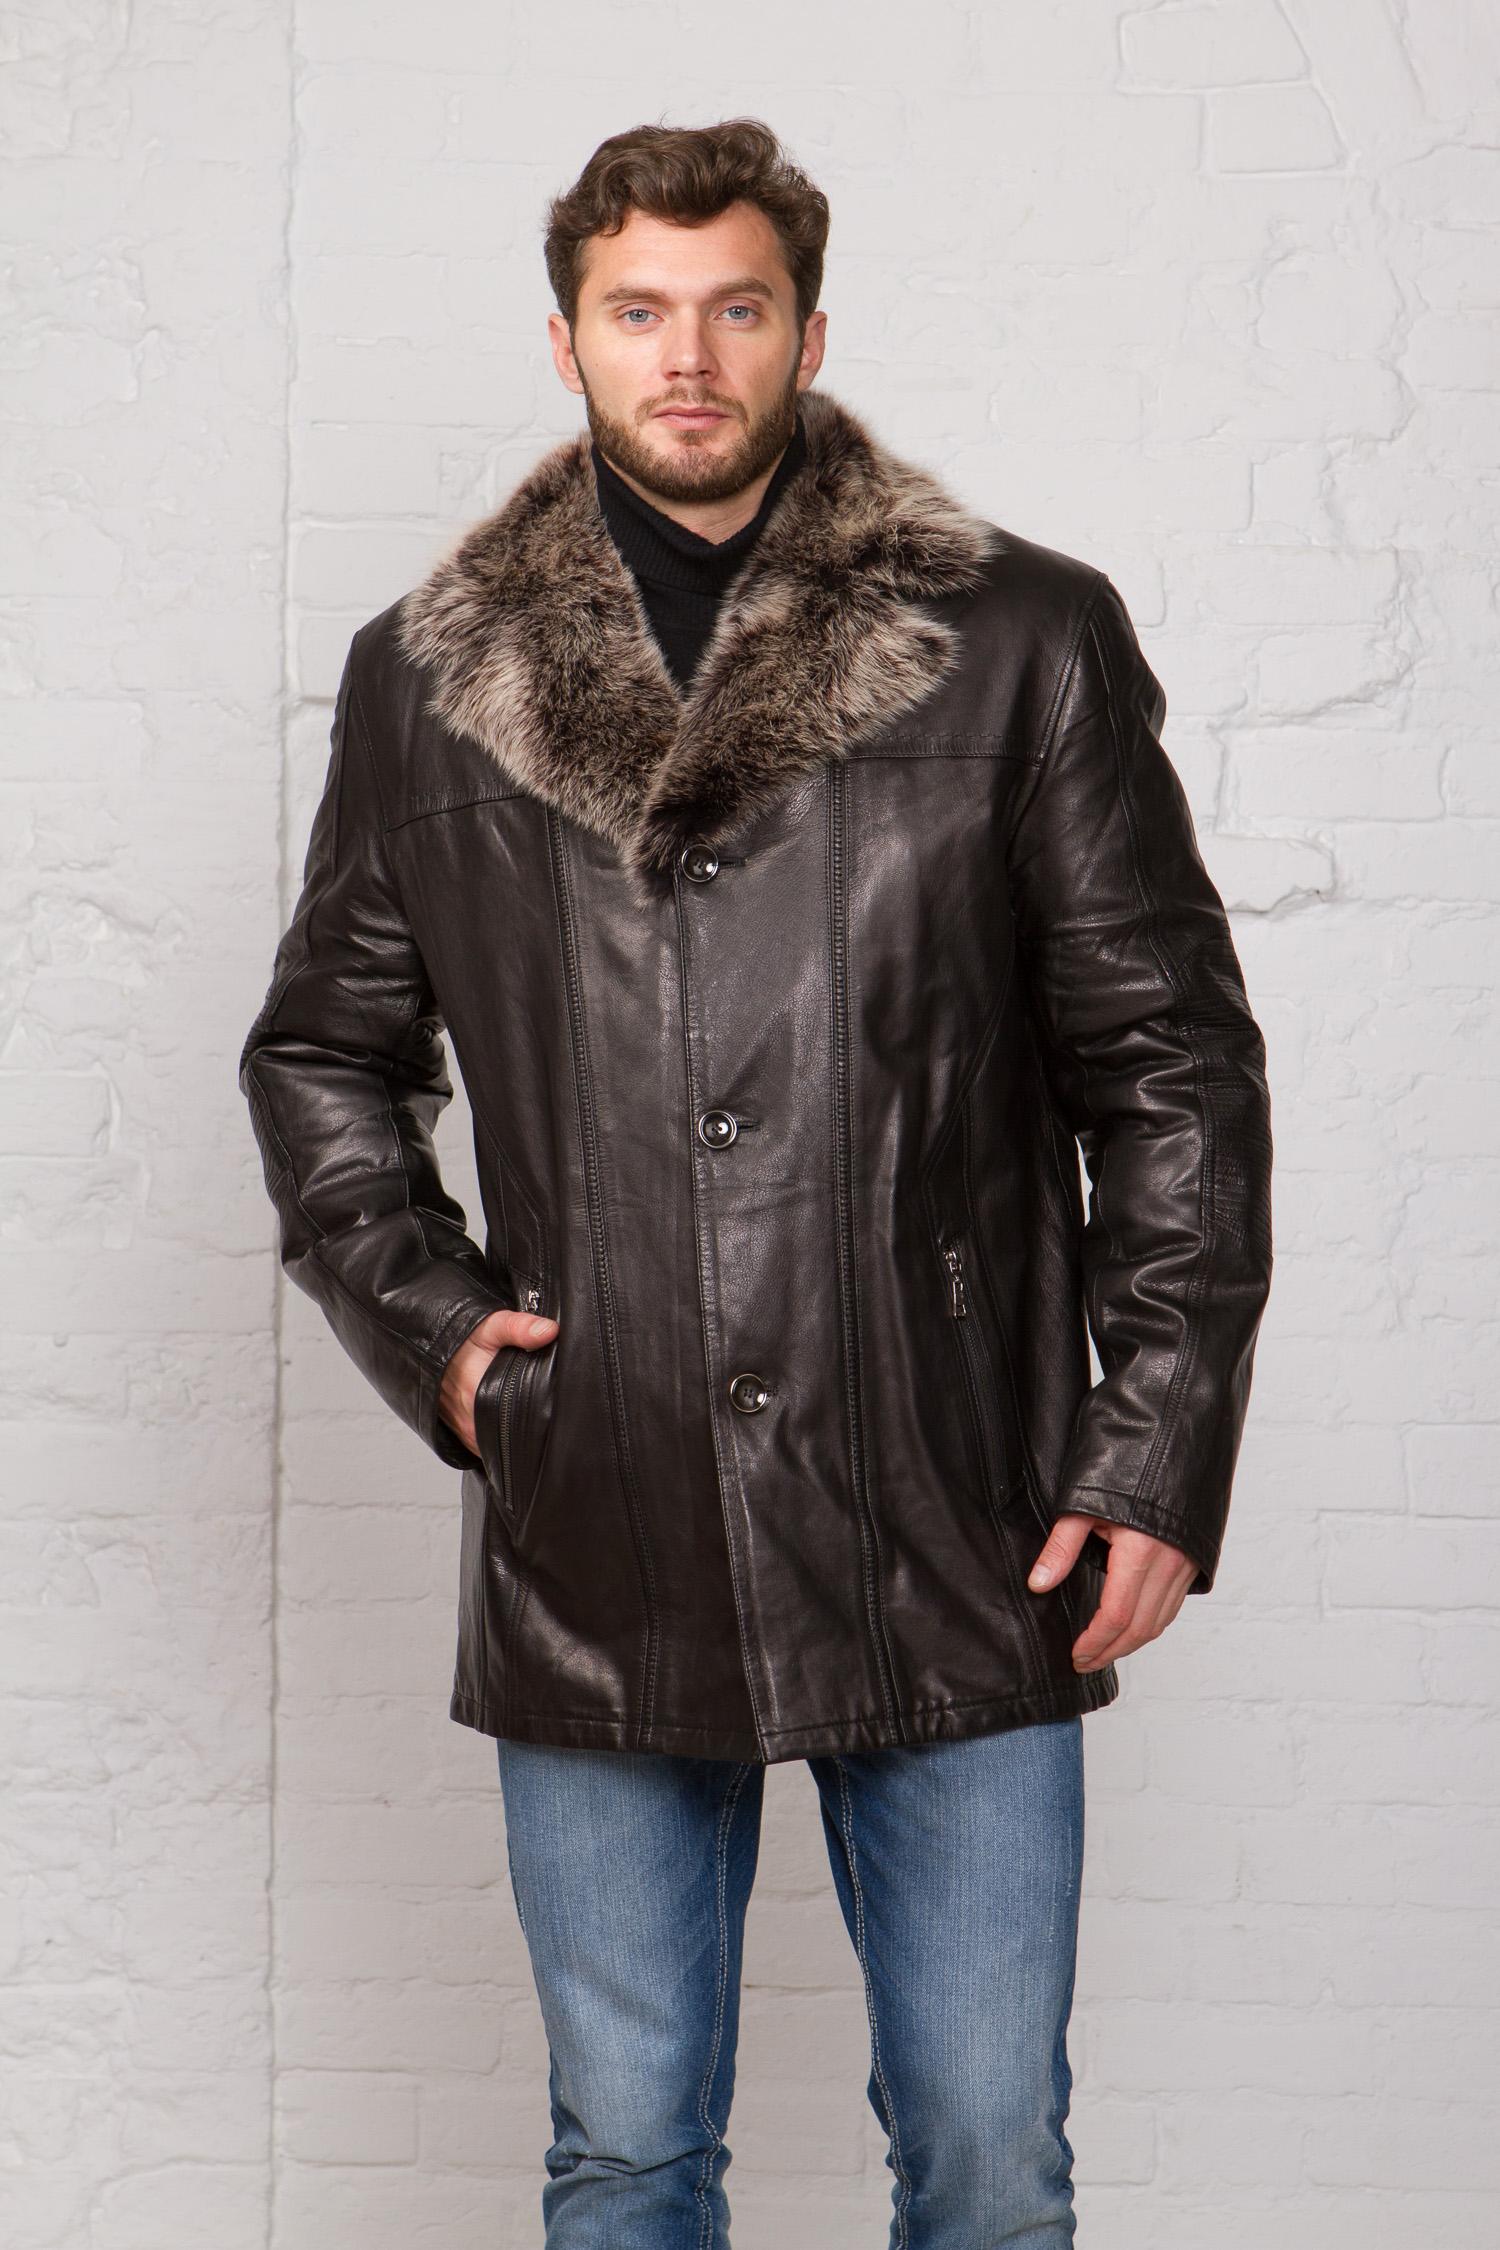 Мужская кожаная куртка из натуральной кожи на меху с воротником, отделка тоскана<br><br>Воротник: английский<br>Длина см: Средняя (75-89 )<br>Материал: Кожа овчина<br>Цвет: черный<br>Вид застежки: центральная<br>Застежка: на пуговицы<br>Пол: Мужской<br>Размер RU: 56